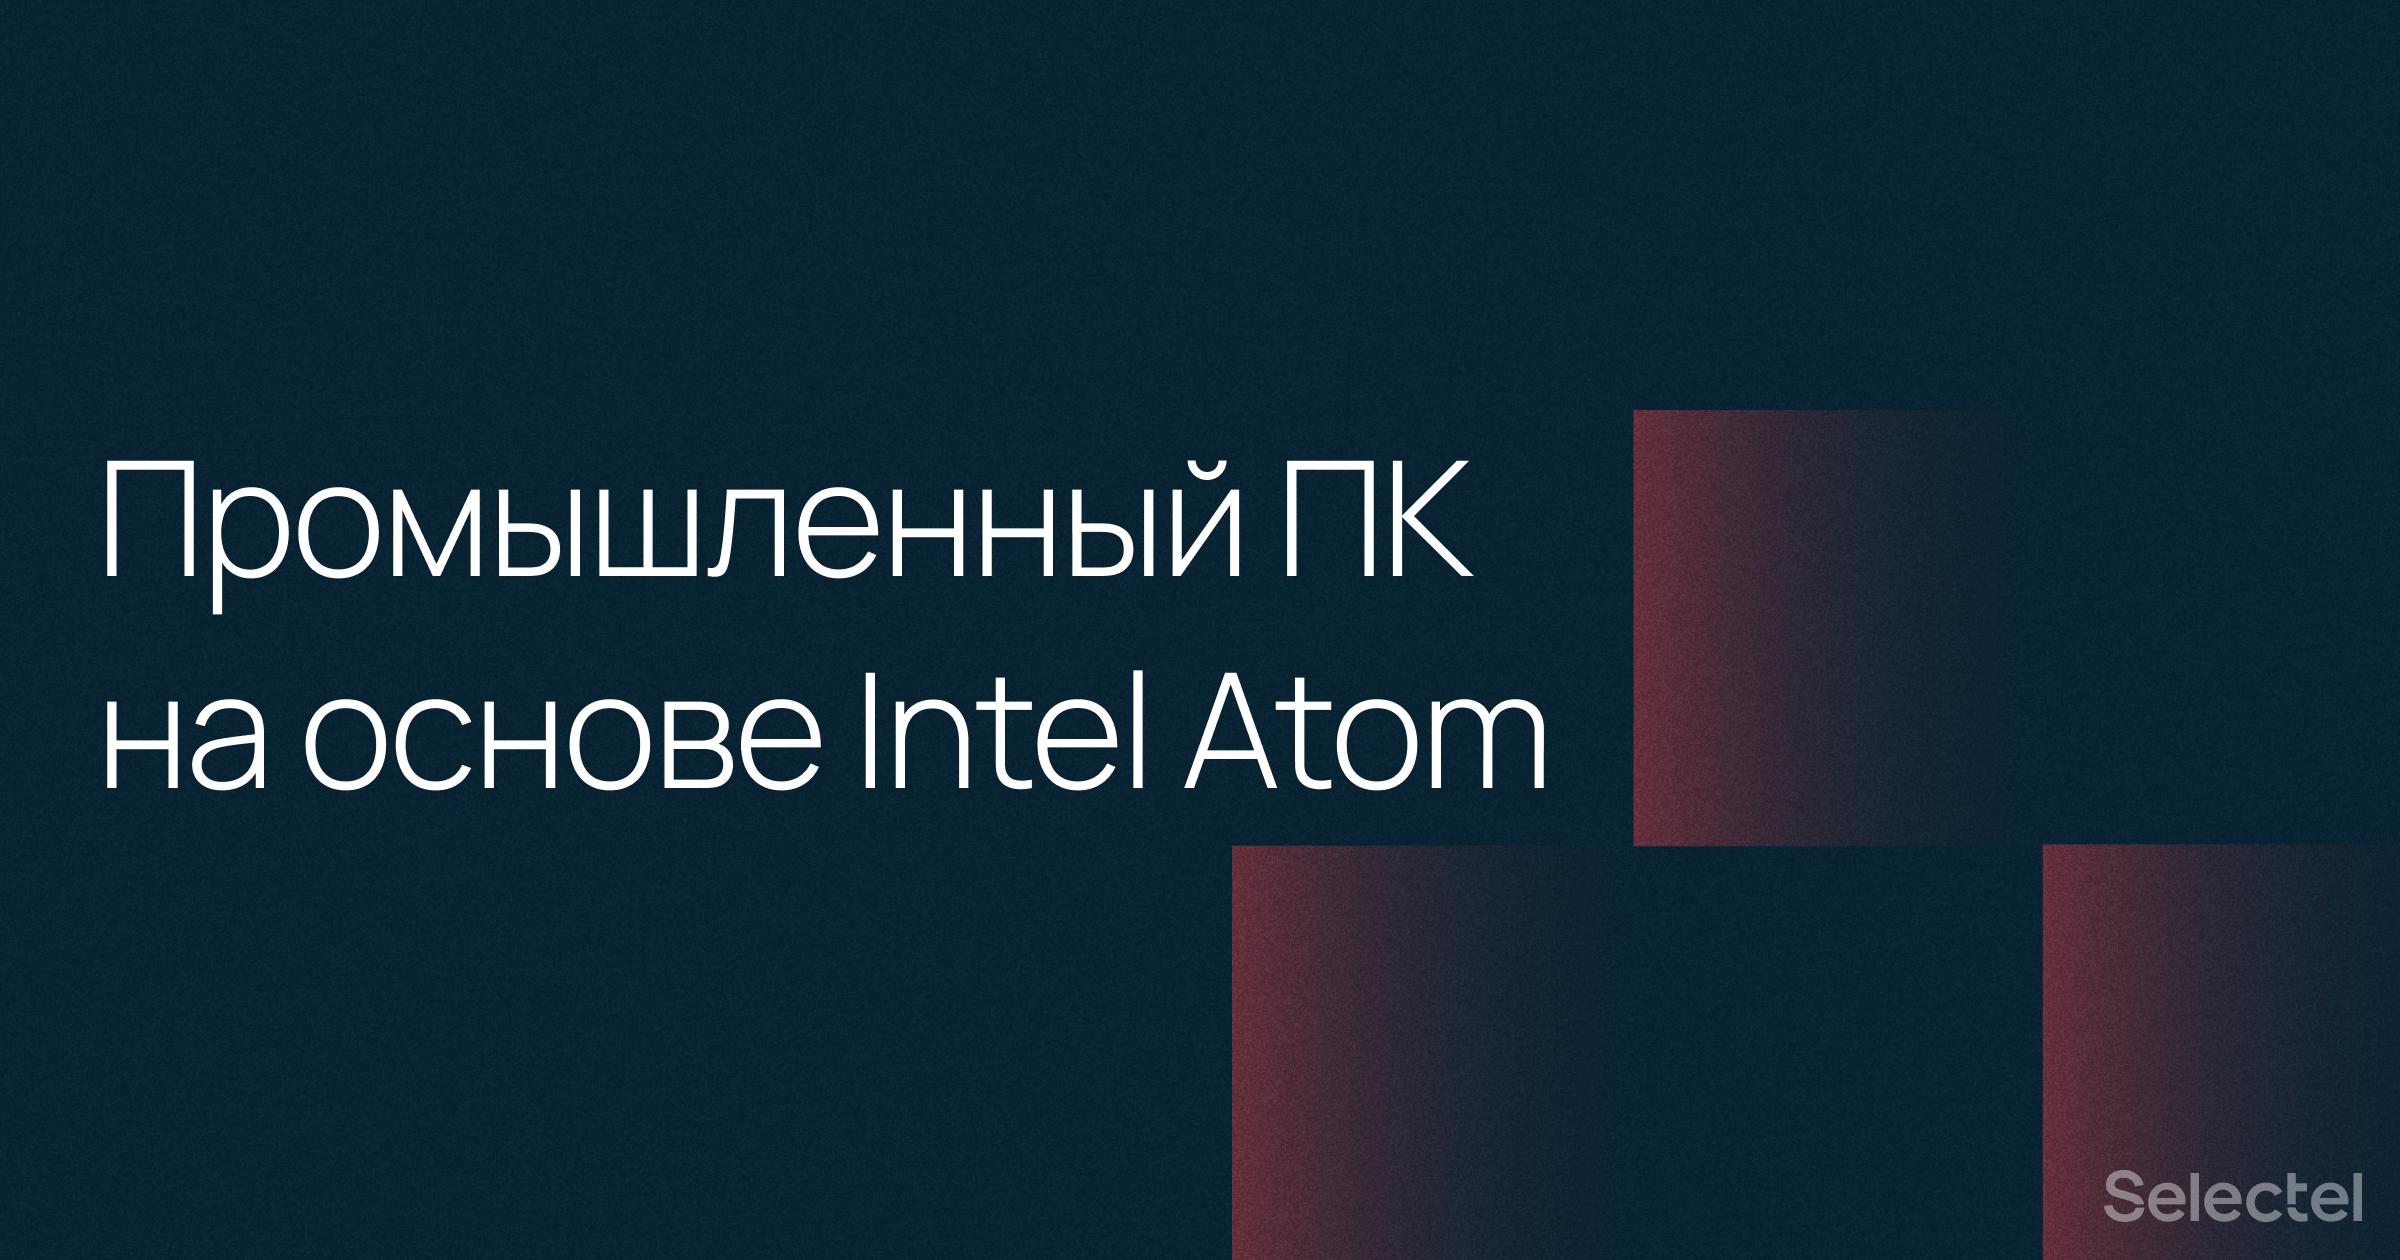 Компания Axiomtek выпустила промышленный ПК на основе Intel Atom с пассивным охлаждением